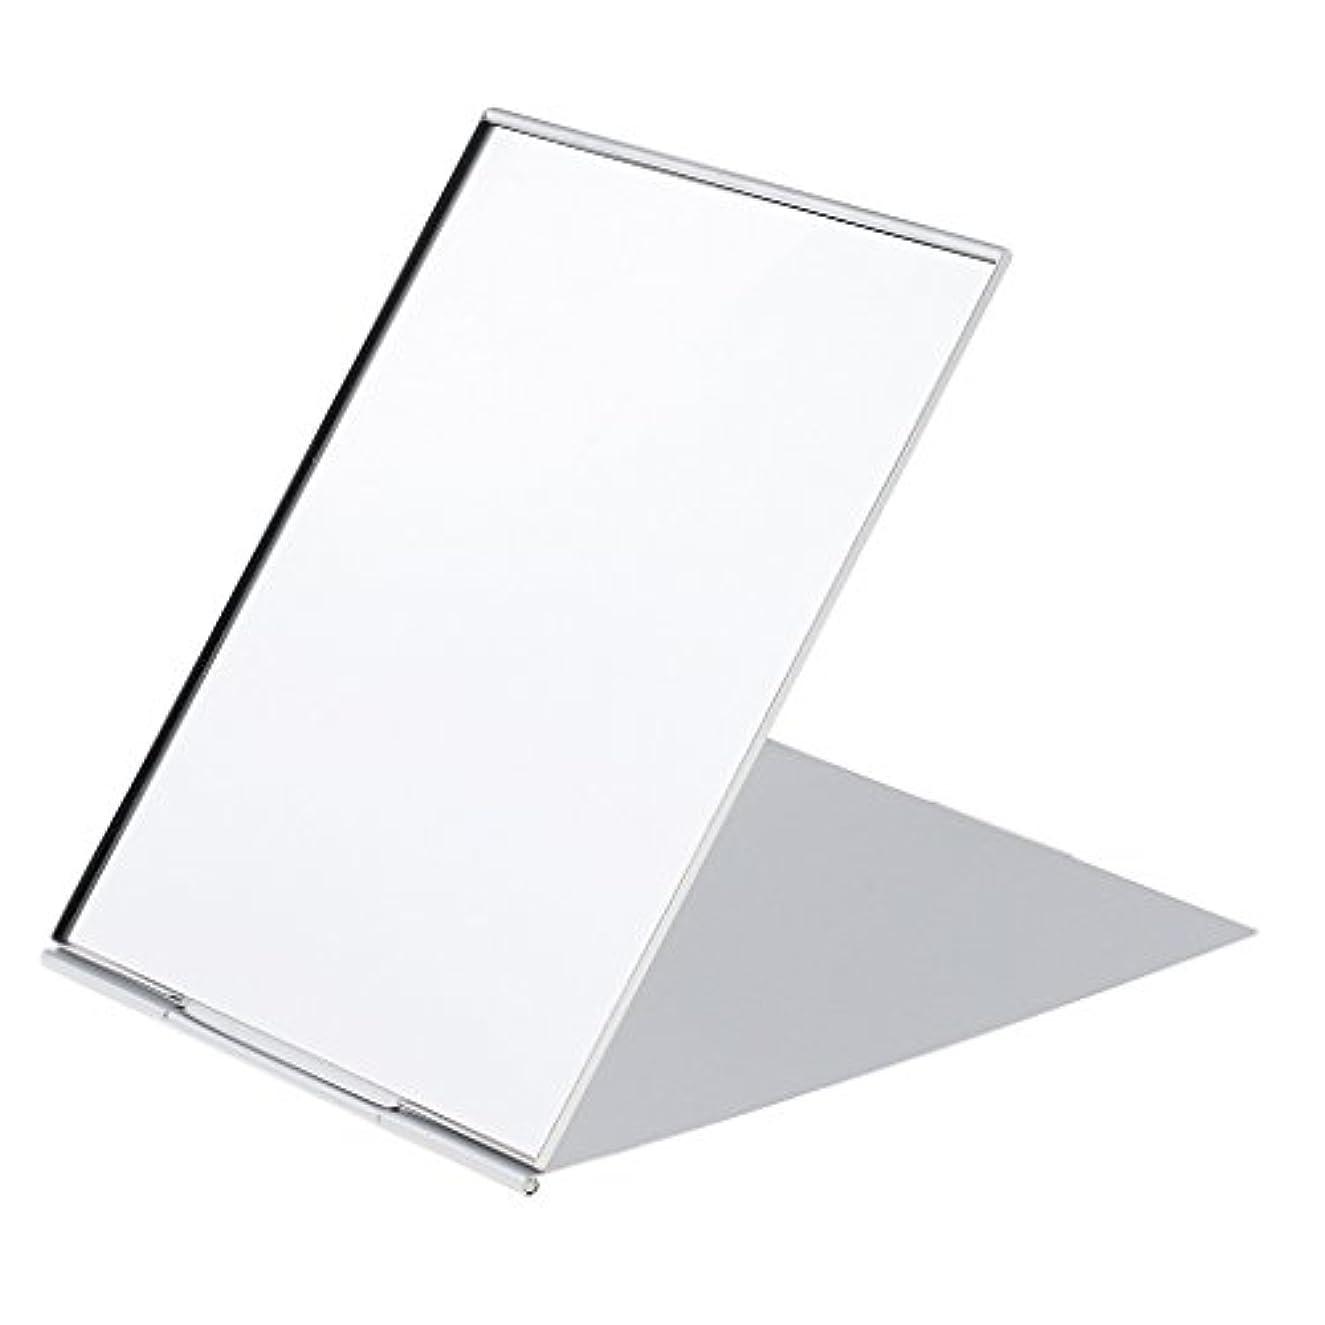 スクラブ他の日小道Perfk メイクアップミラー 鏡 化粧鏡 ミニ ポータブル 折り畳み式 超軽量 シンプル ファッション デザイン シルバー 3サイズ選べる - #1